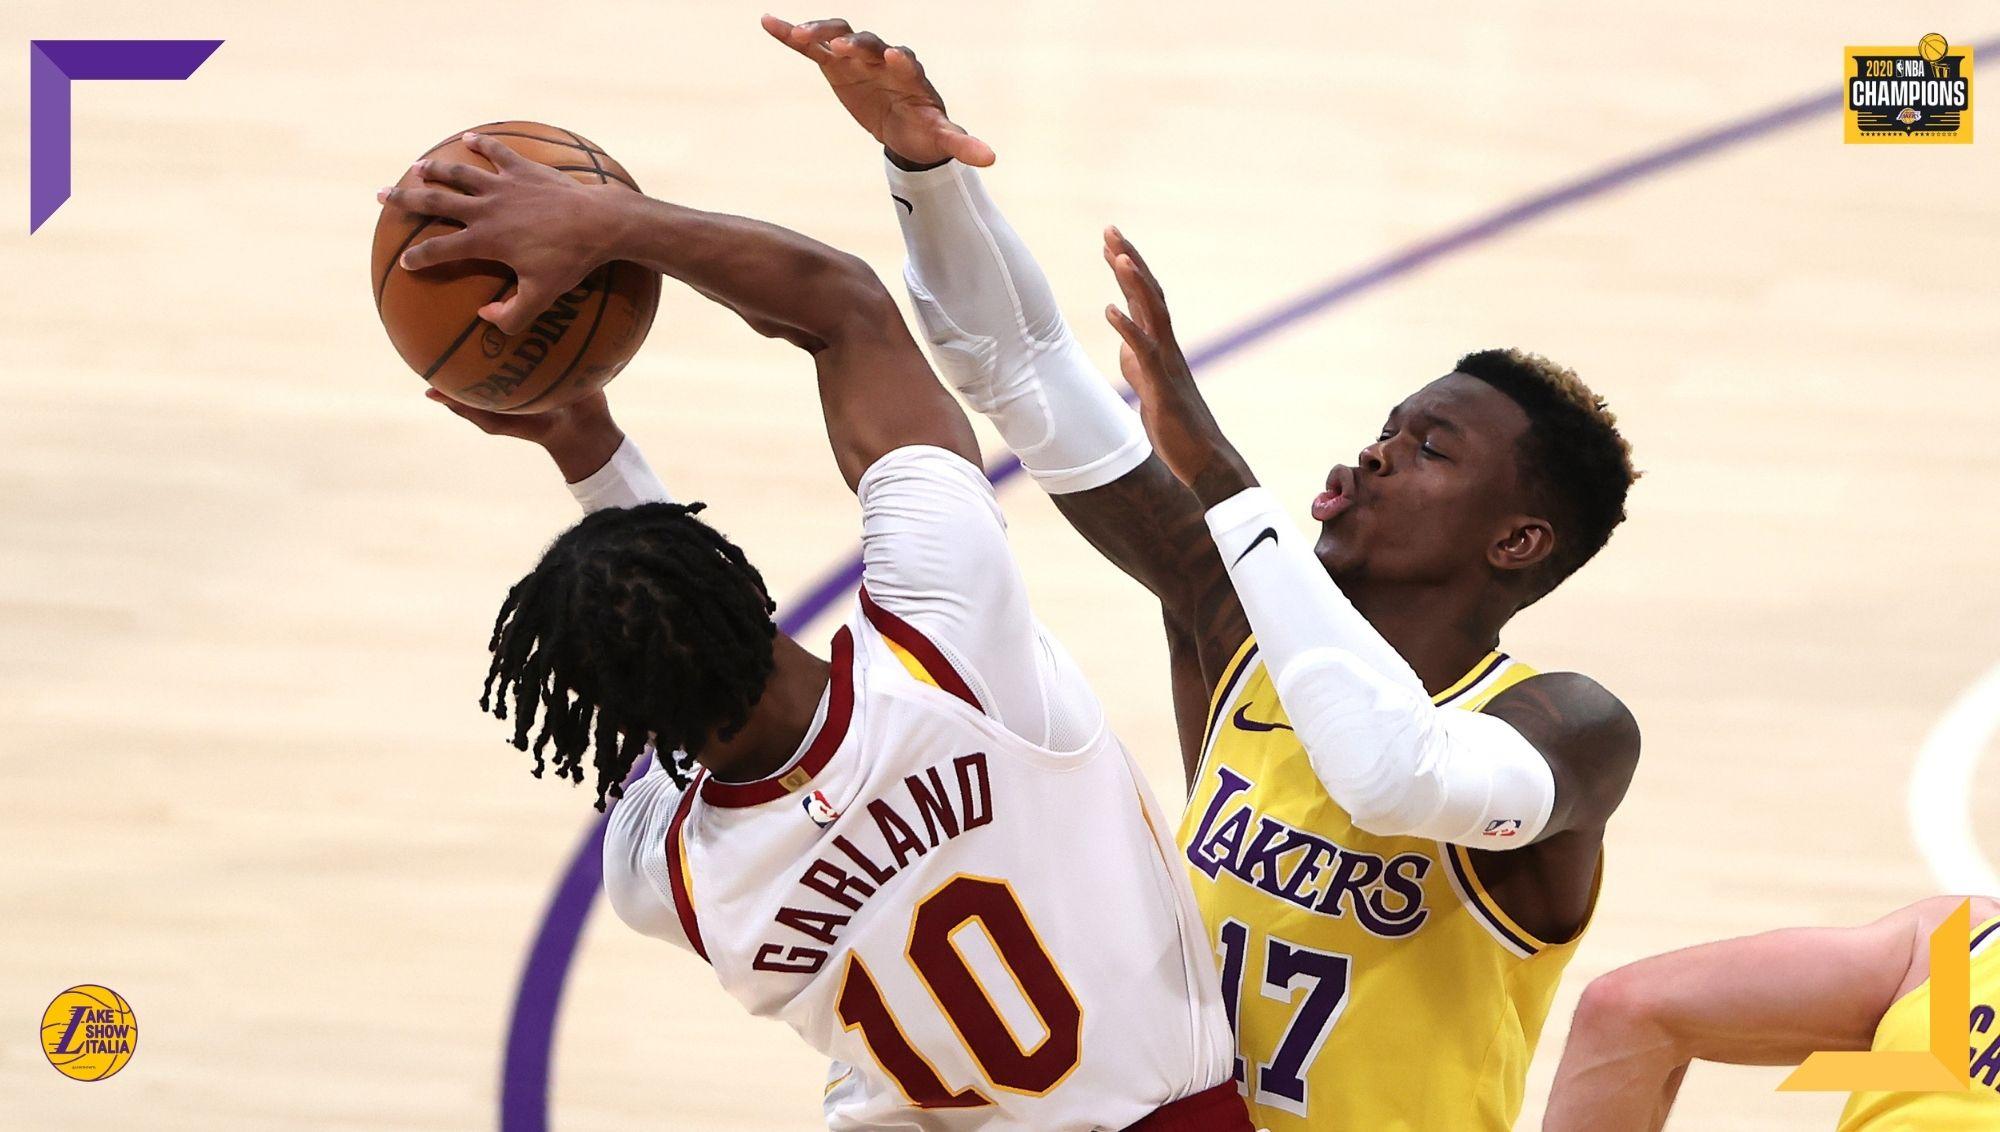 I Los Angeles Lakers ritrovano il sorriso tornando al successo contro i Cleveland Cavs. Ottime prove per Dennis Schröder e Montrezl Harrell.